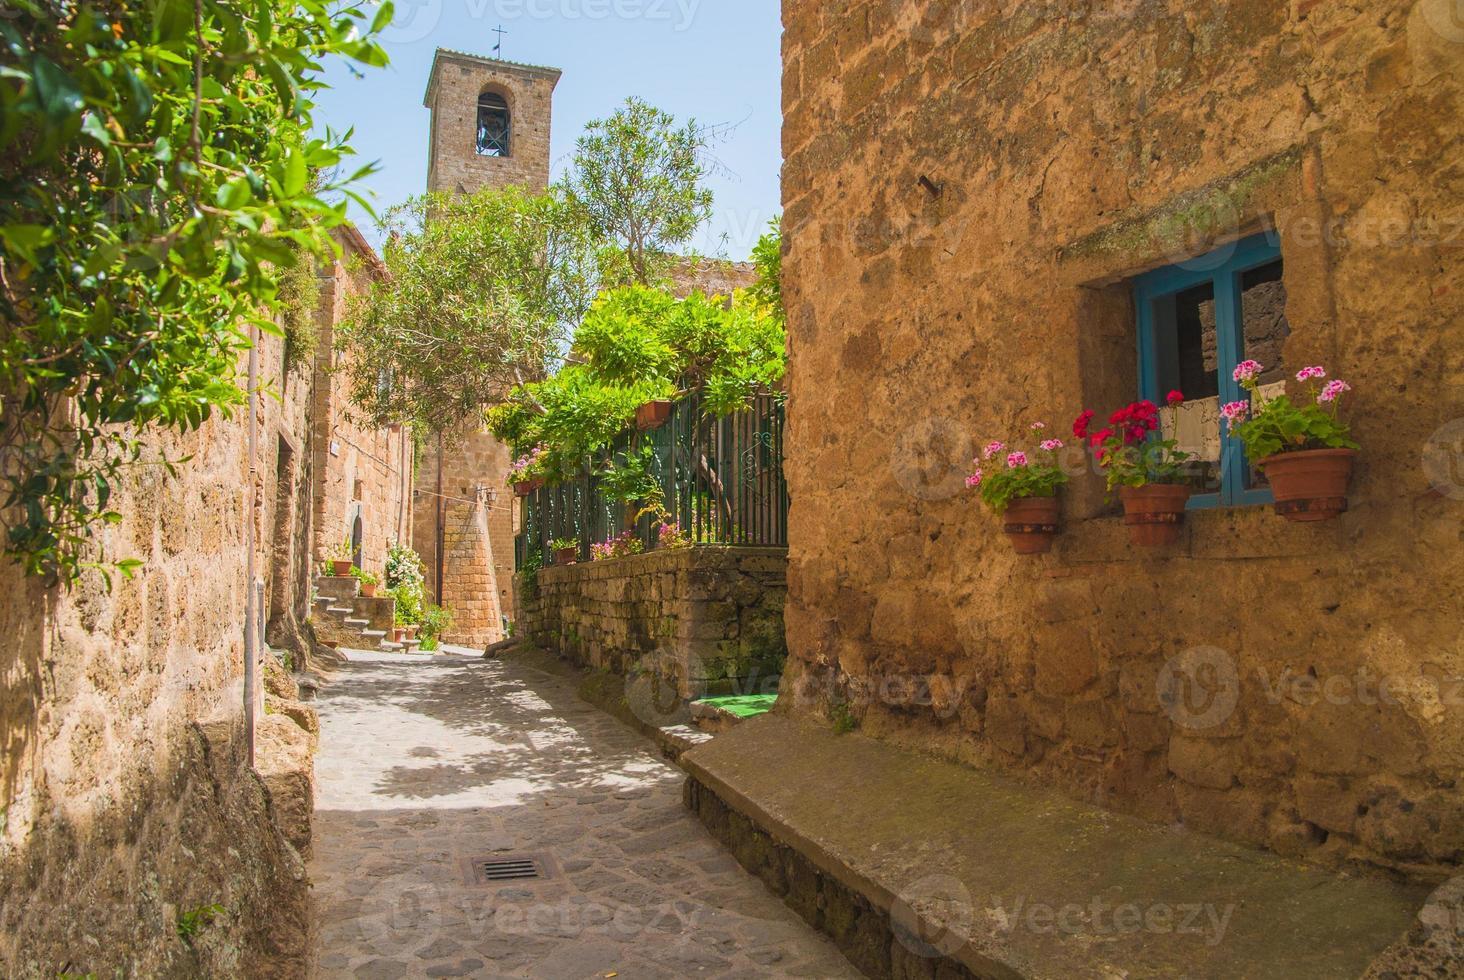 città medievale italiana di civita di bagnoregio, italia foto